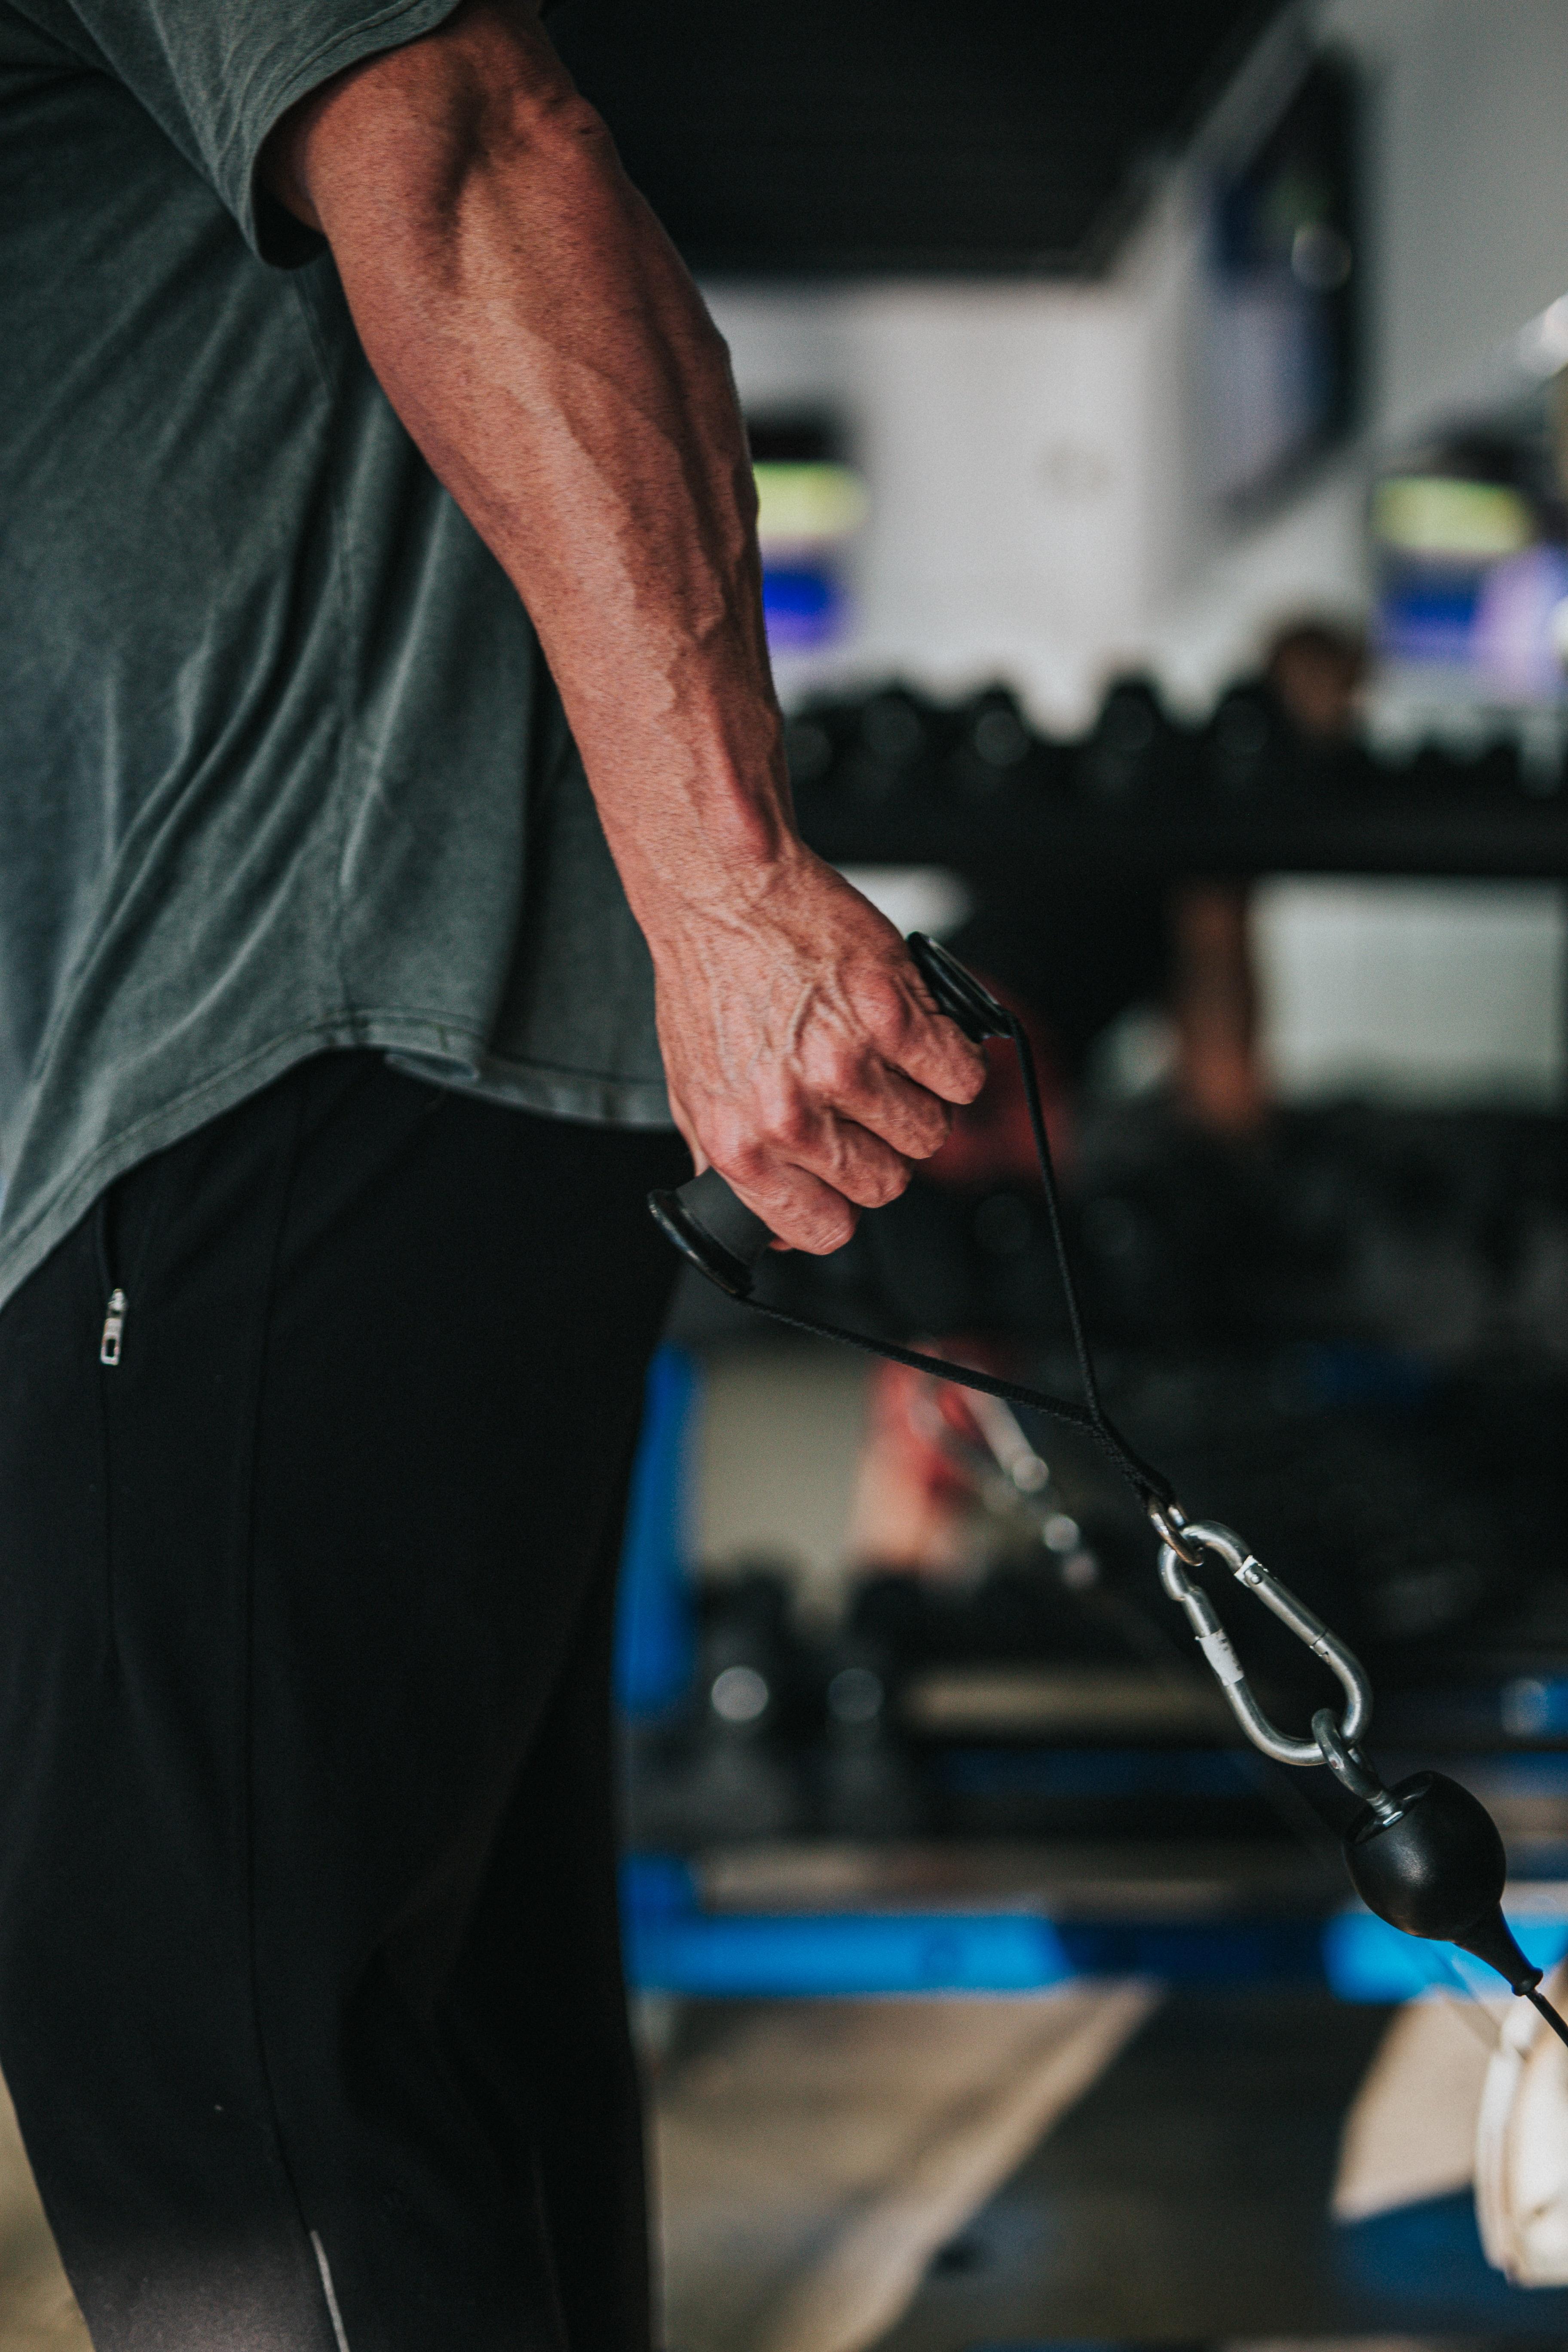 Публикация с тегами: Тренировки, Интересное, Спорт, Фитнес, Советы, Здоровье